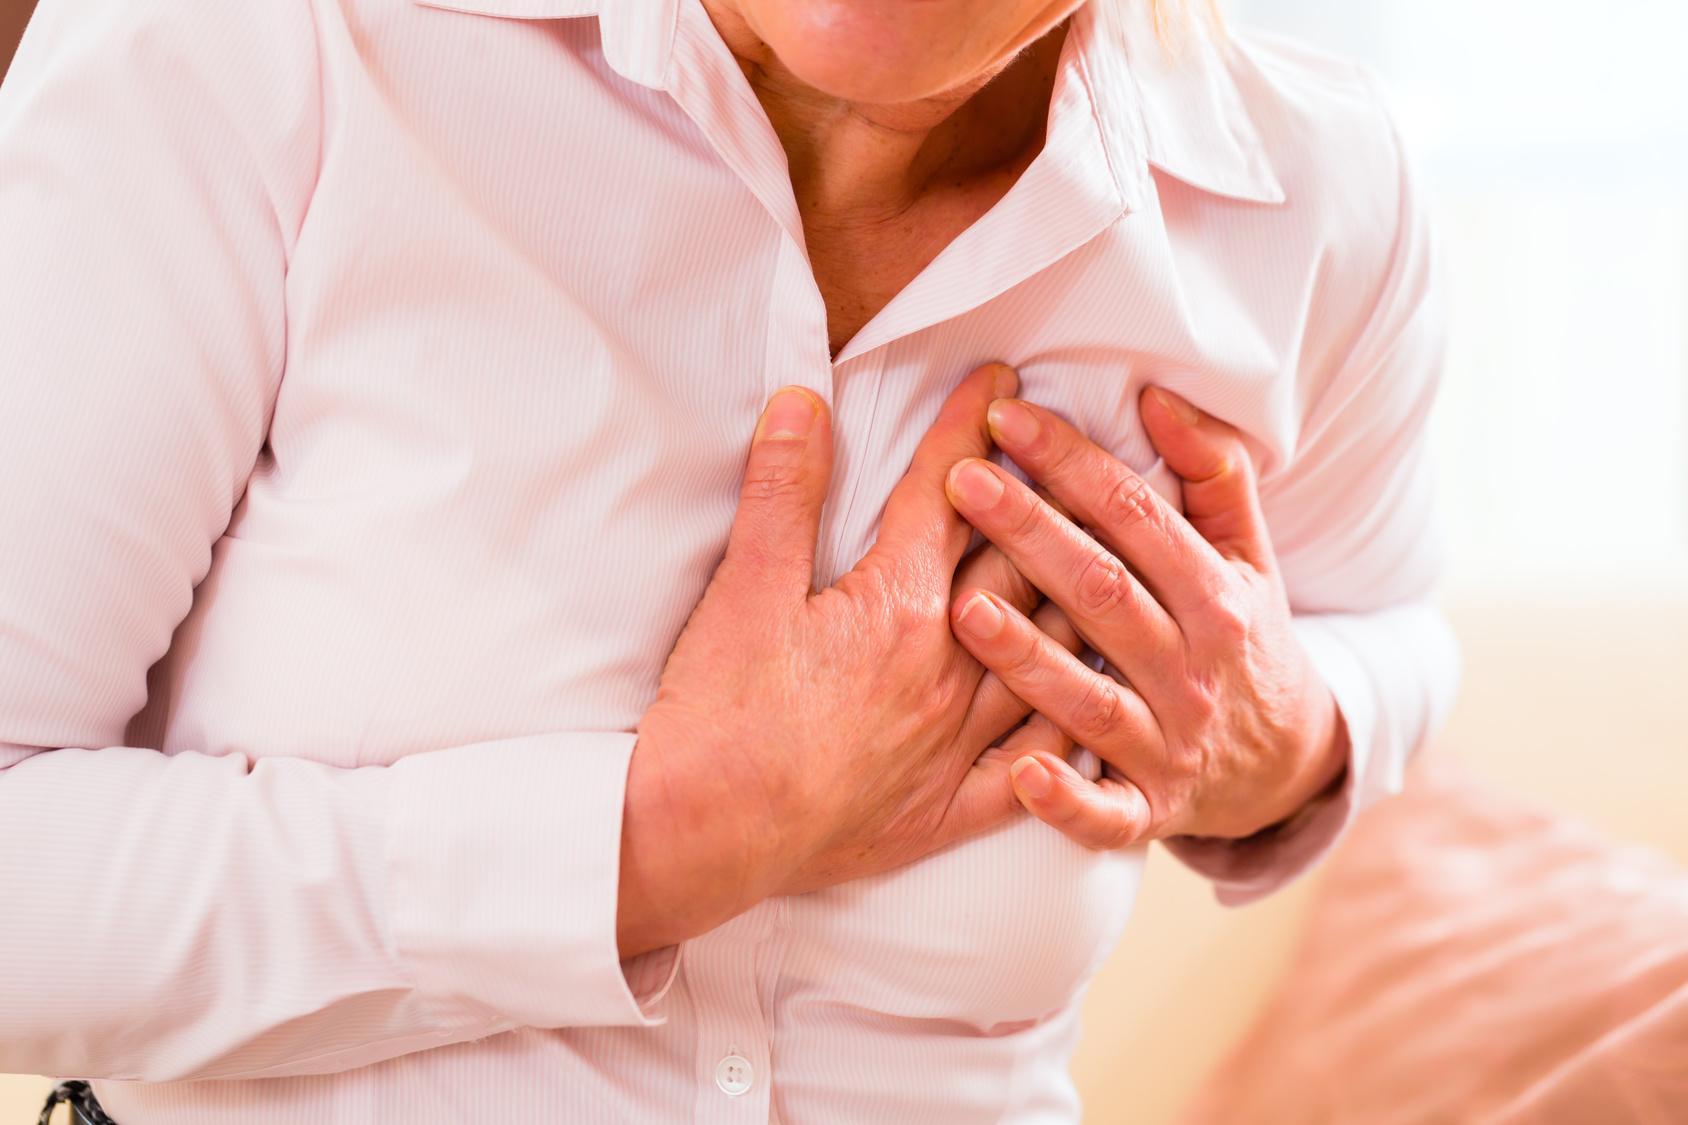 frau-herzinfarkt-zu-hause-seniorin-schmerz-in-brust-rosa-hemd